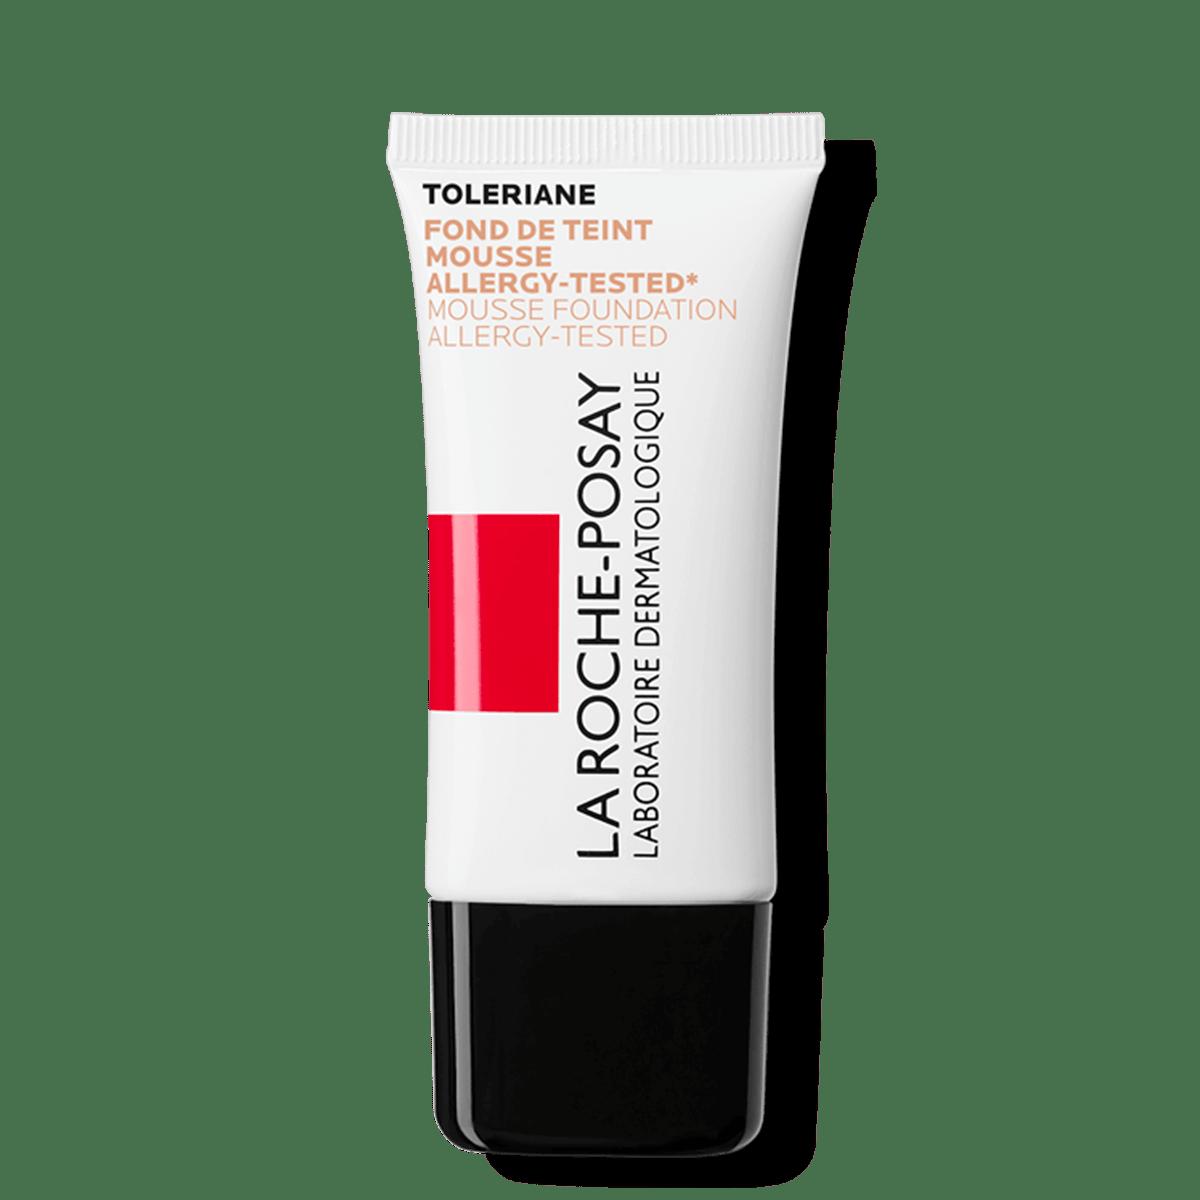 La Roche Posay Citlivá Toleriane Make-up PĚNOVÝ MAKE-UP